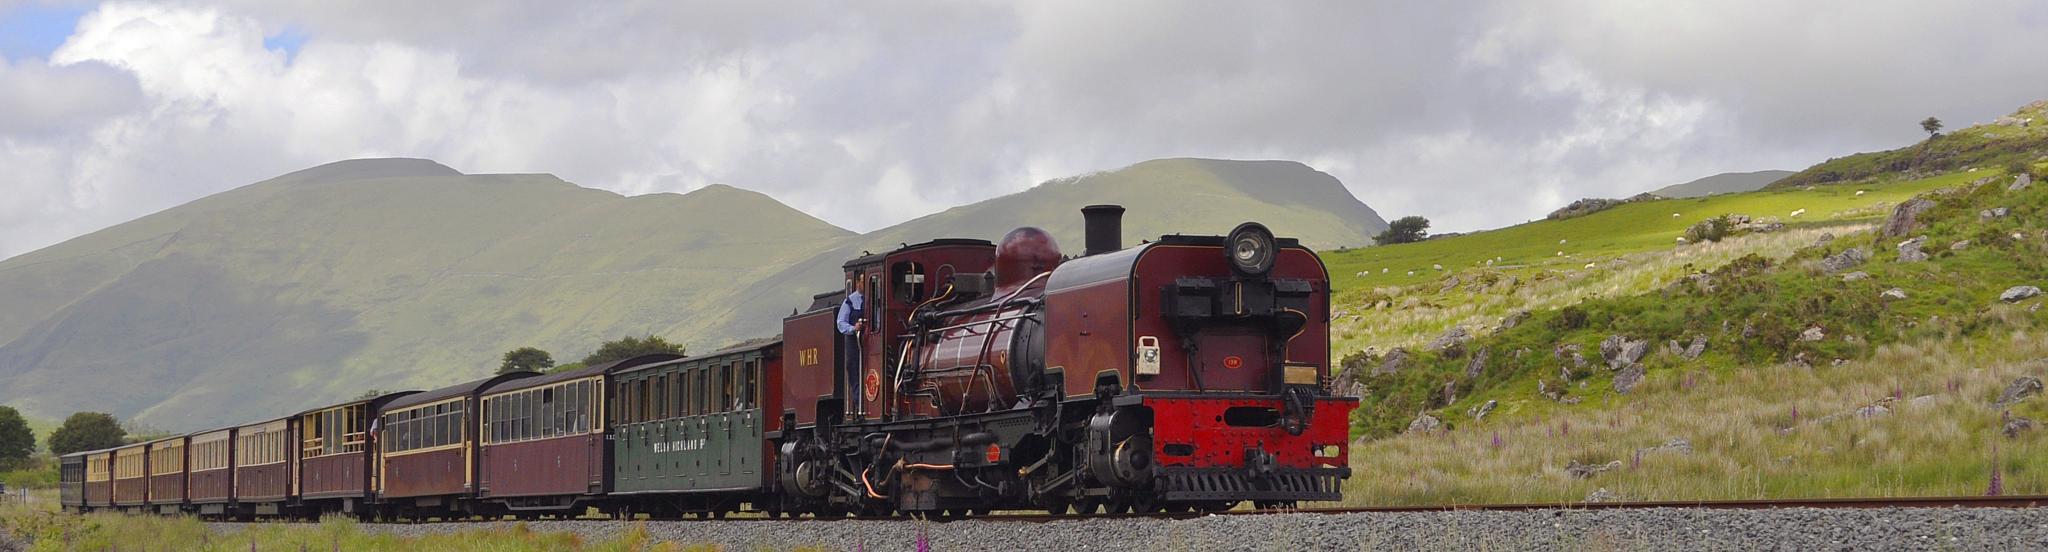 Big steam train by hefin.owen